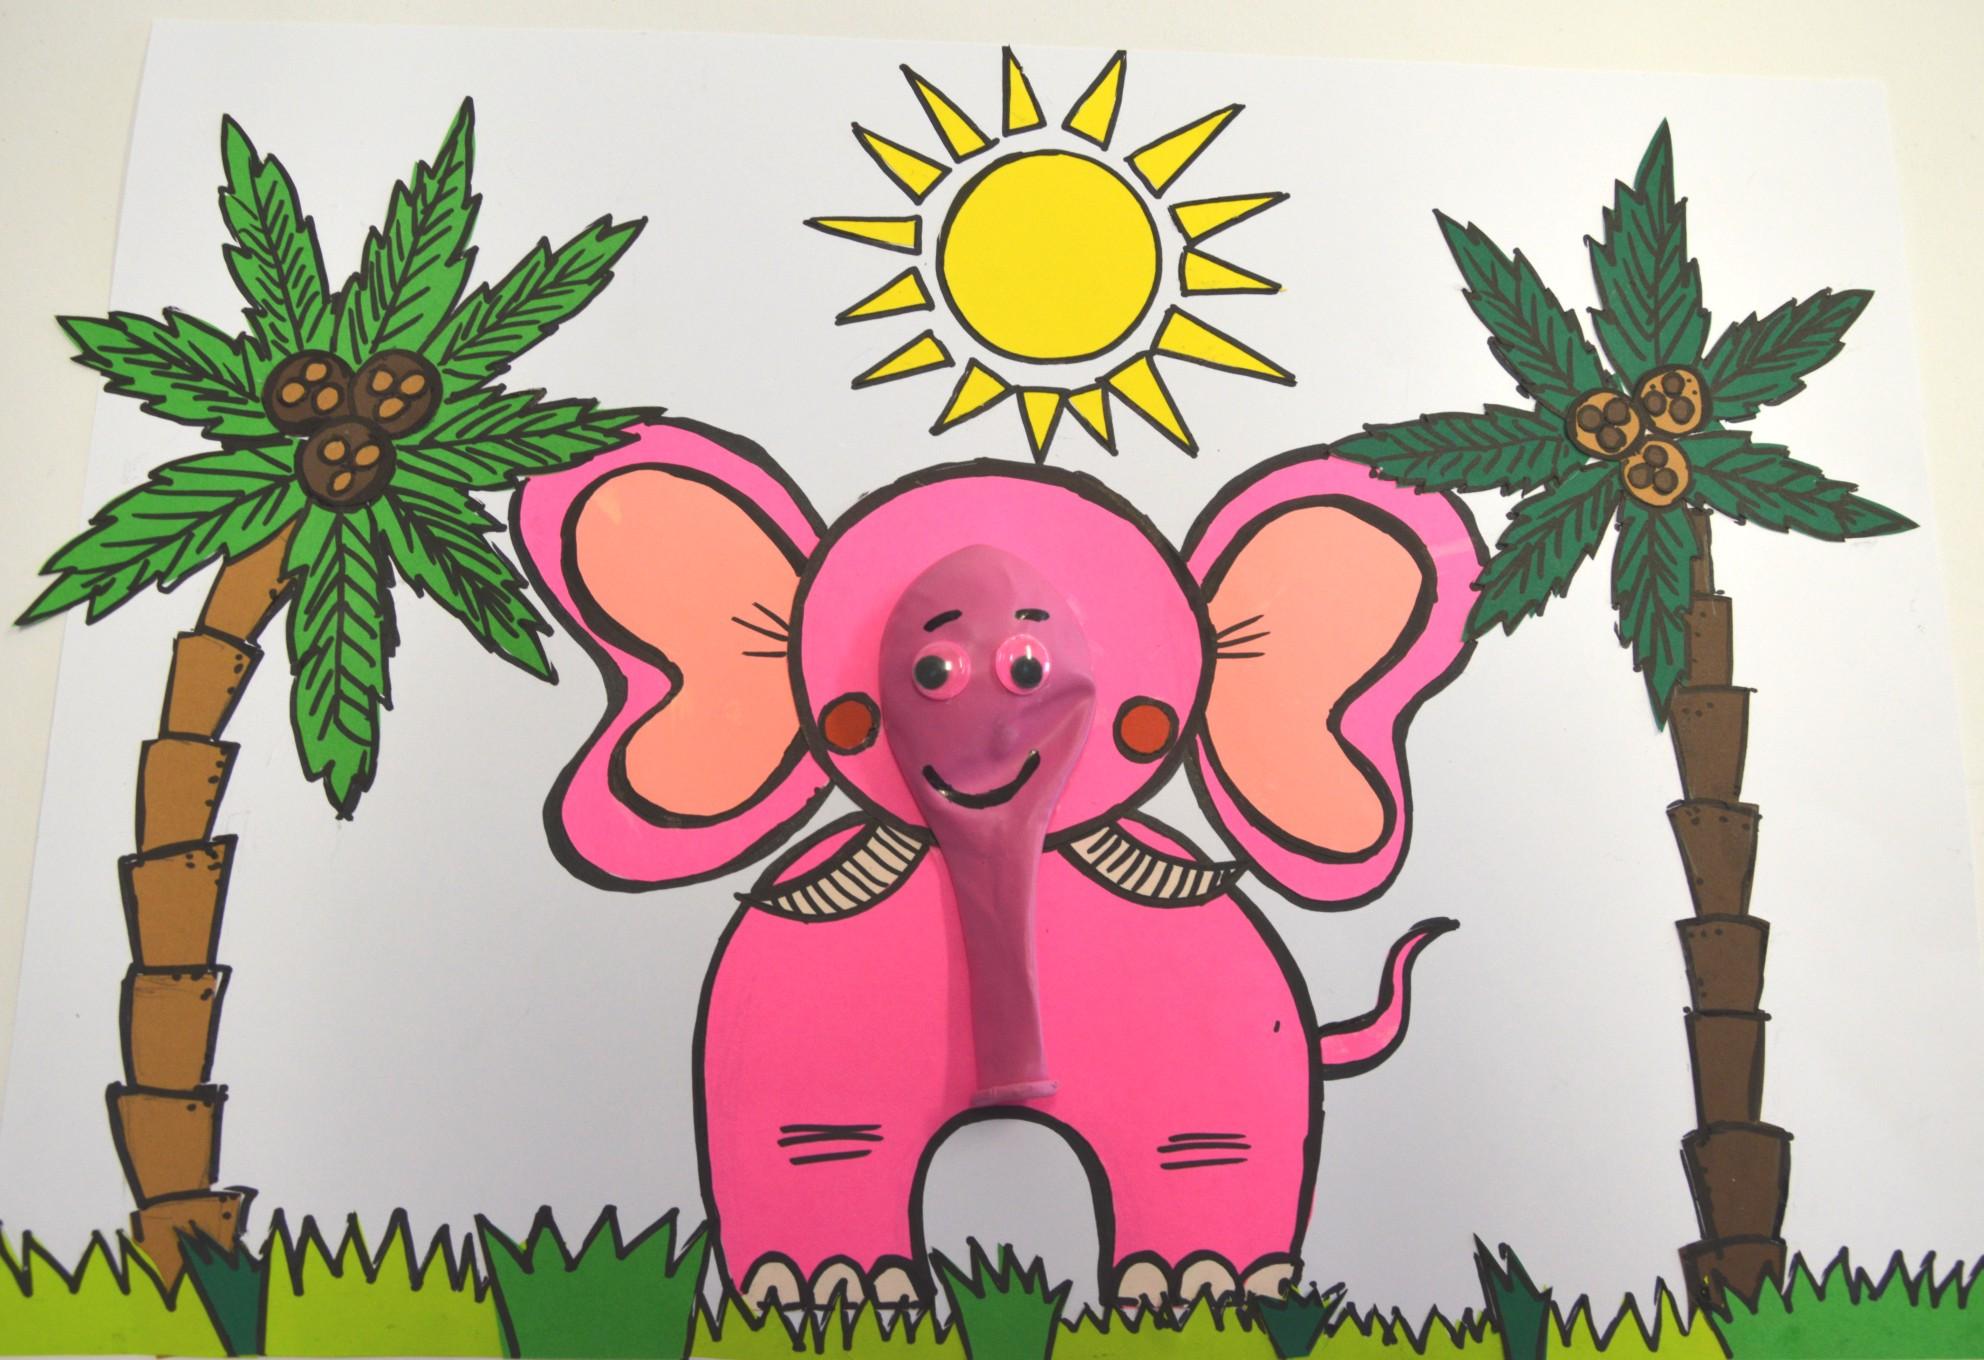 Nie taki on-line straszny #plastykairekodzielo /nadęty słoń